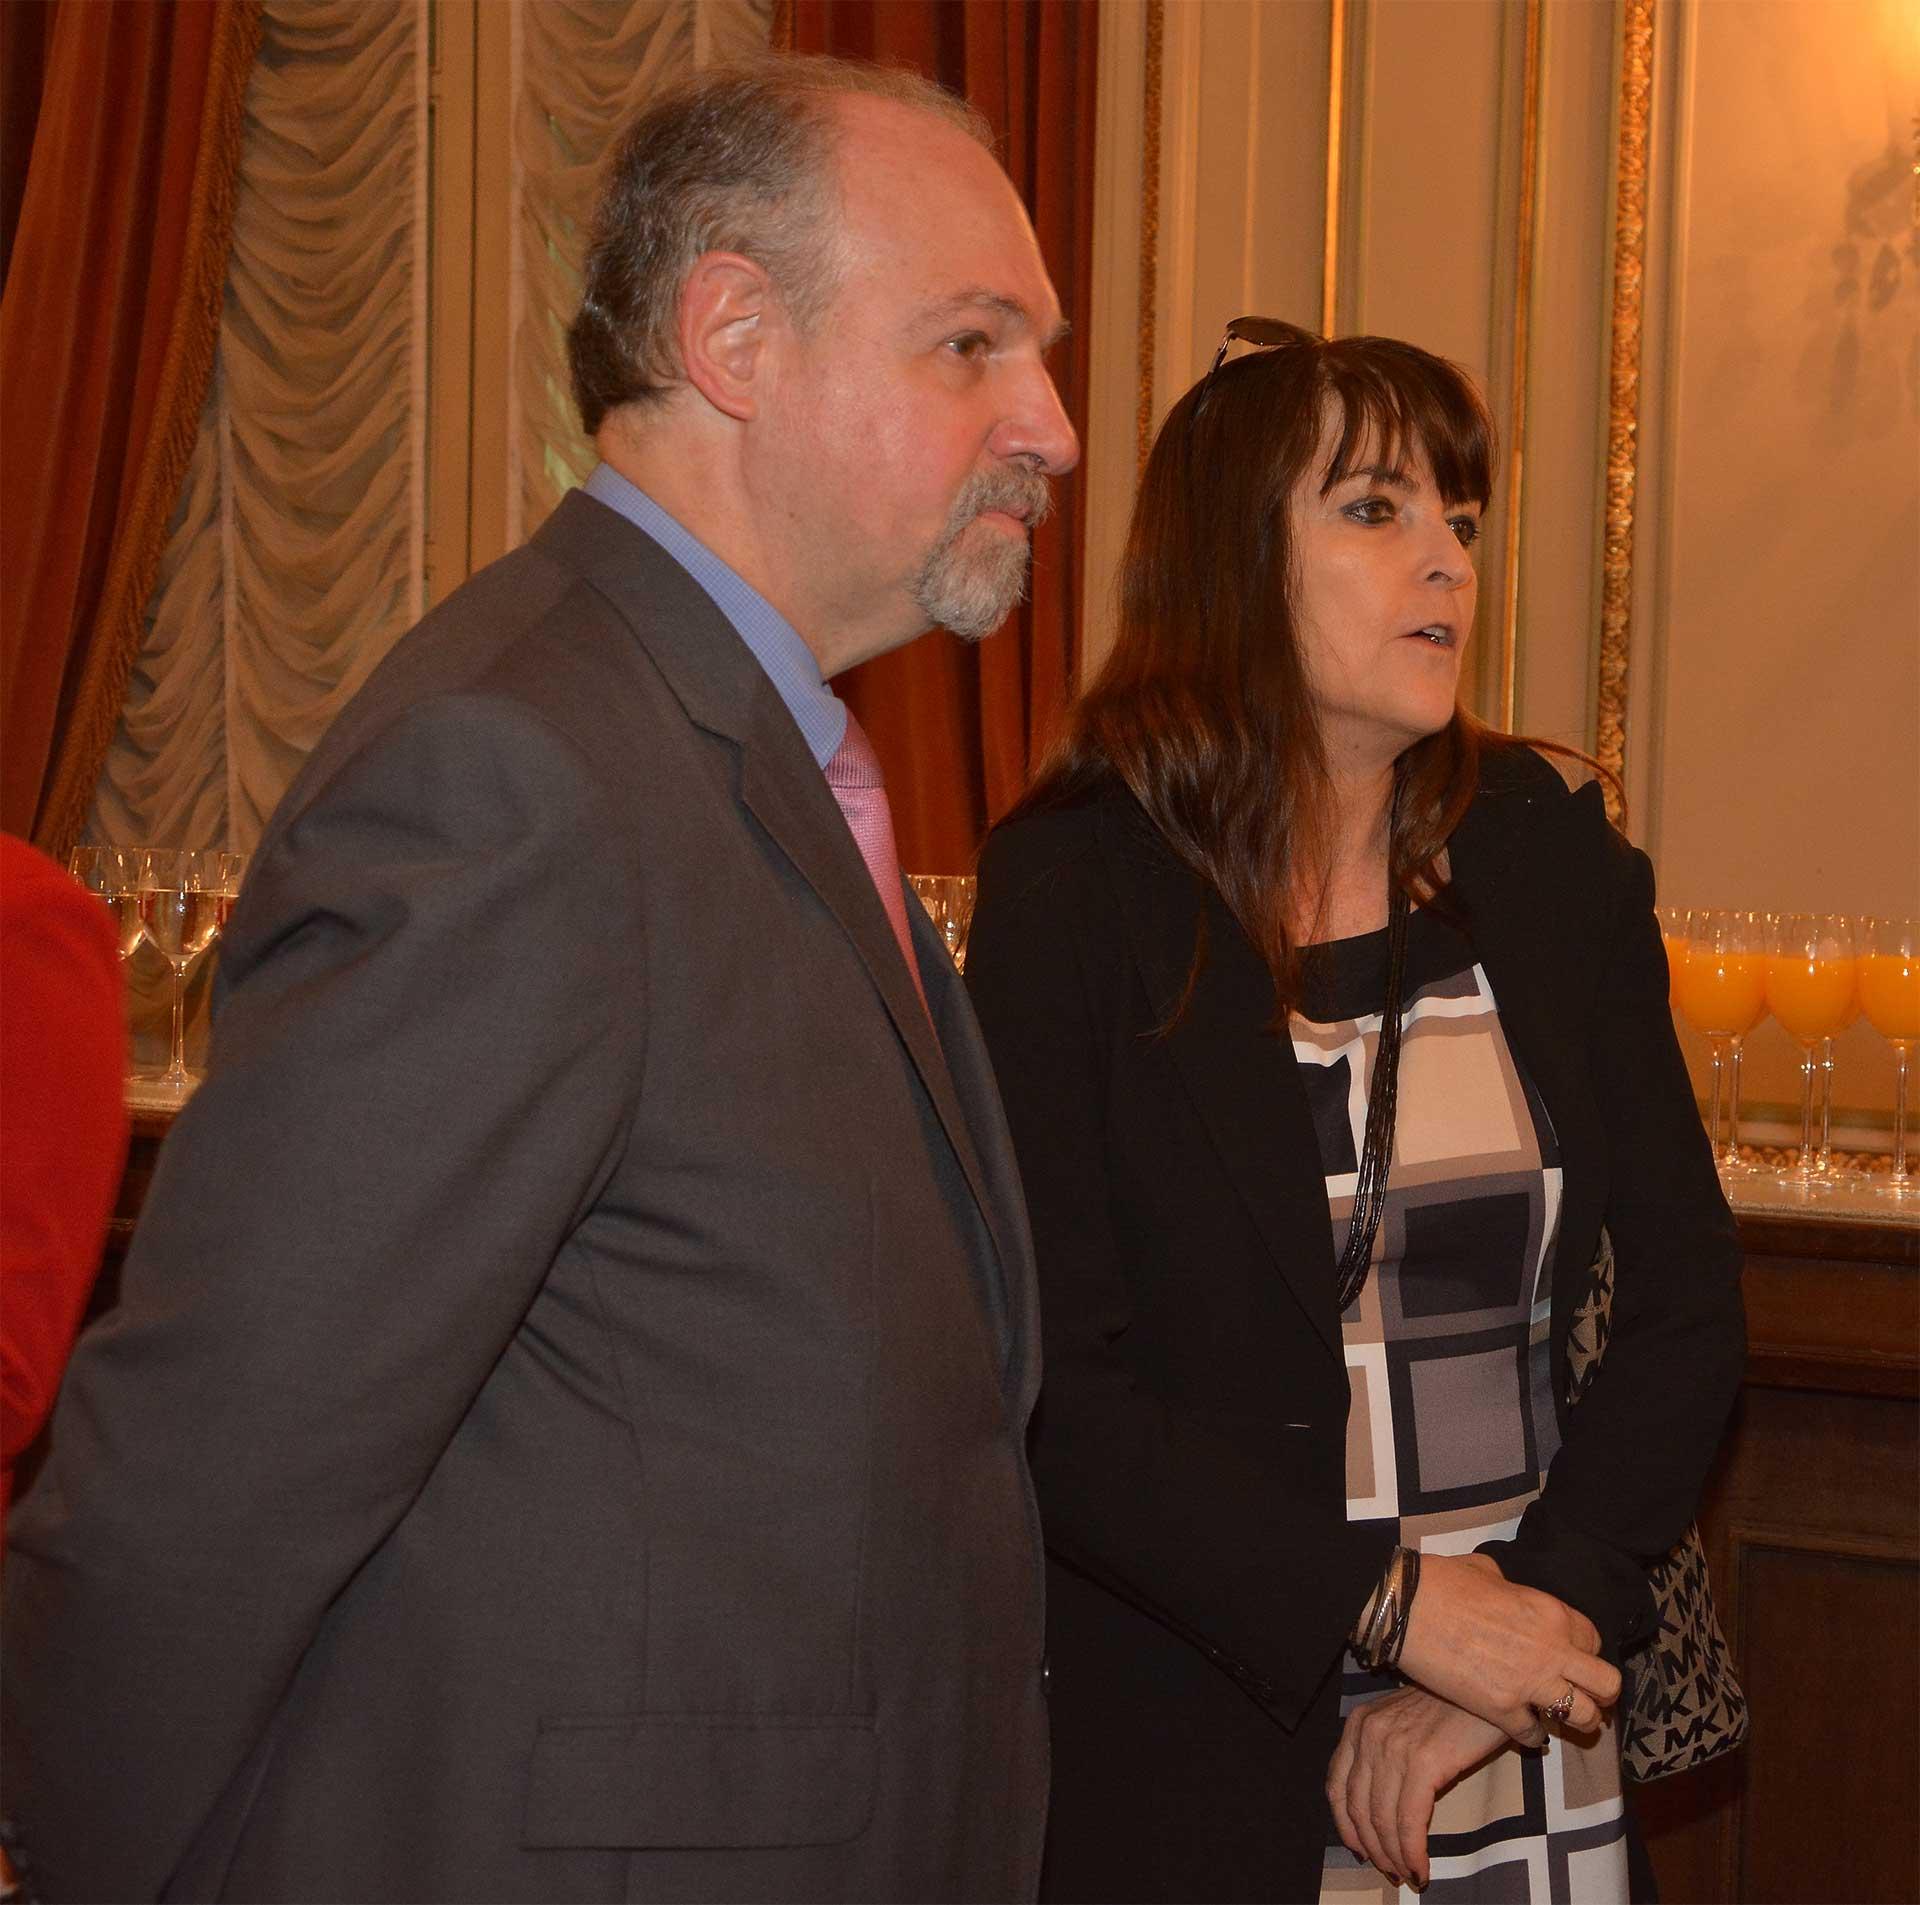 El embajador Ricardo Lagorio y Giselle Padovani